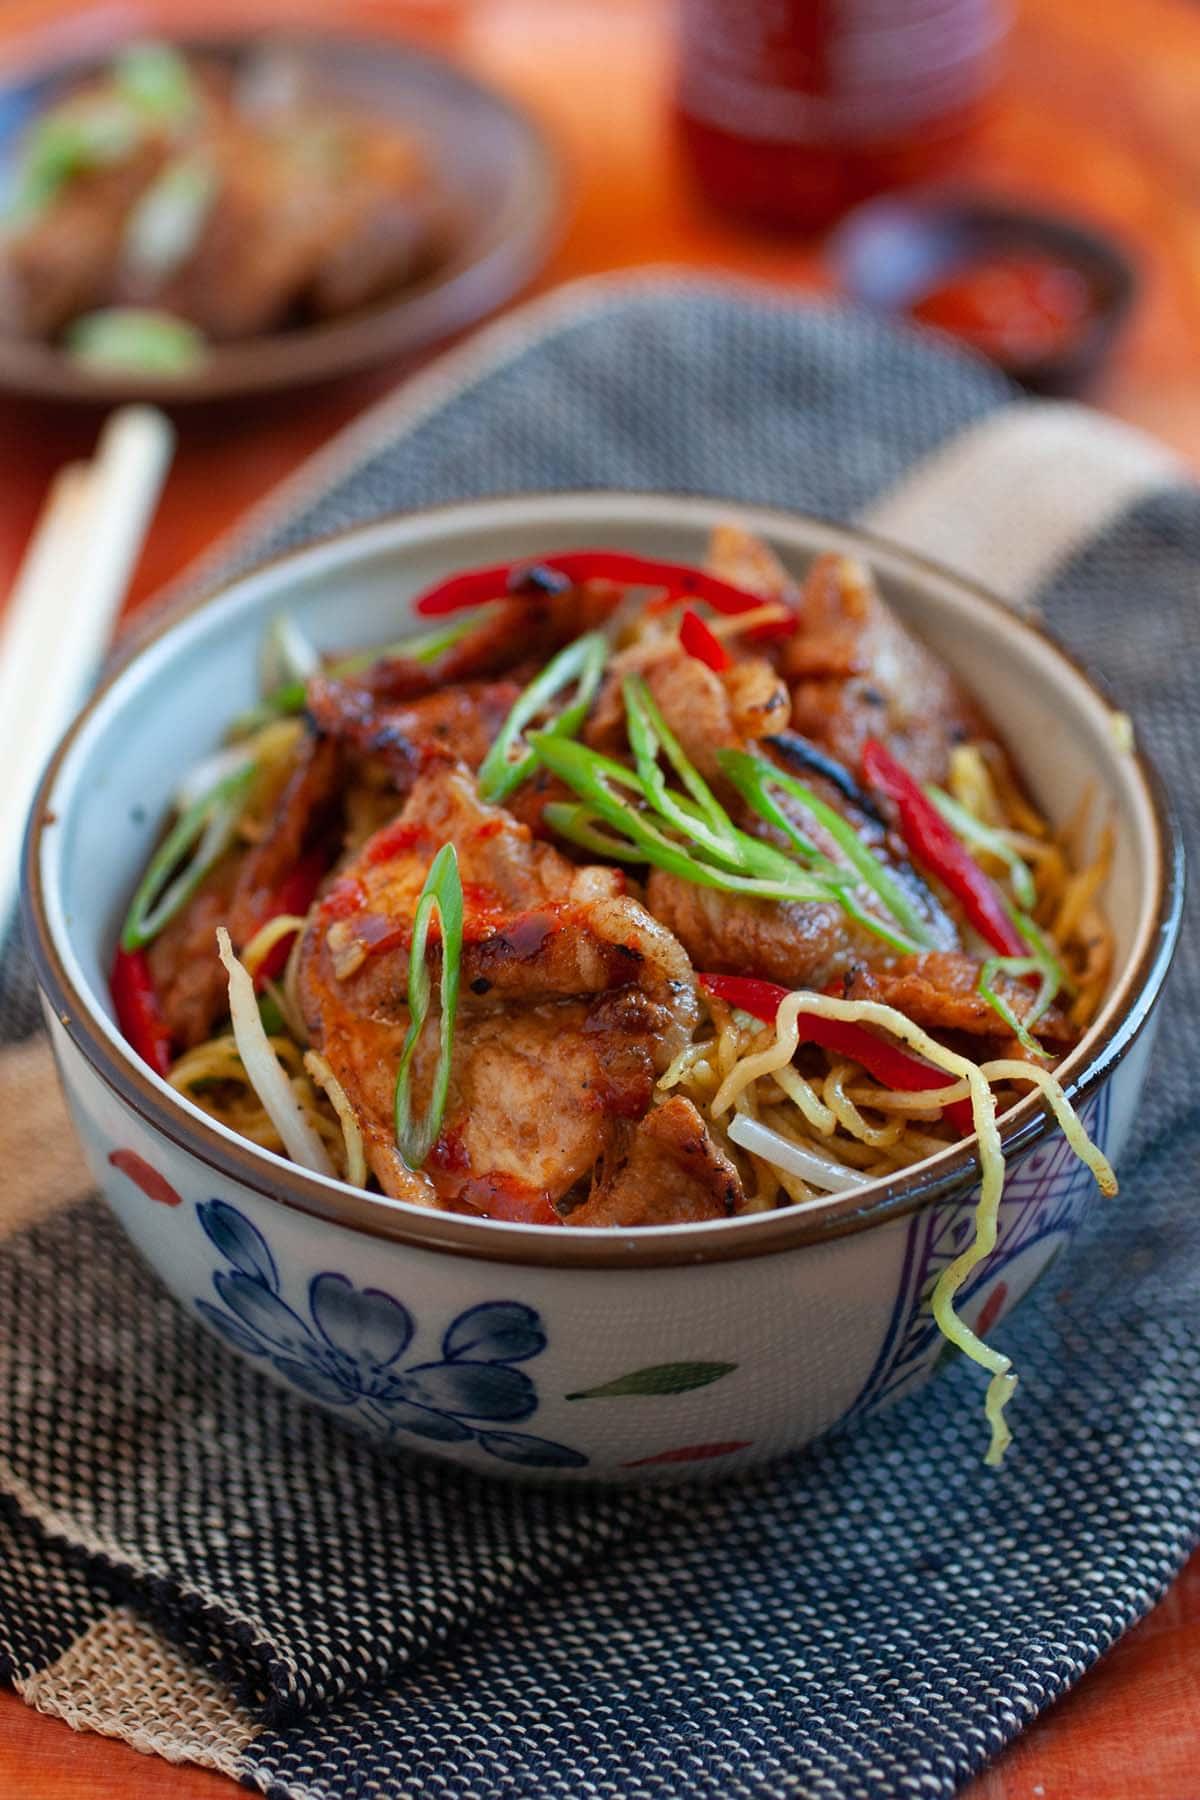 Du porc aigre-doux authentique et facile sur des nouilles sautées servies dans un bol.